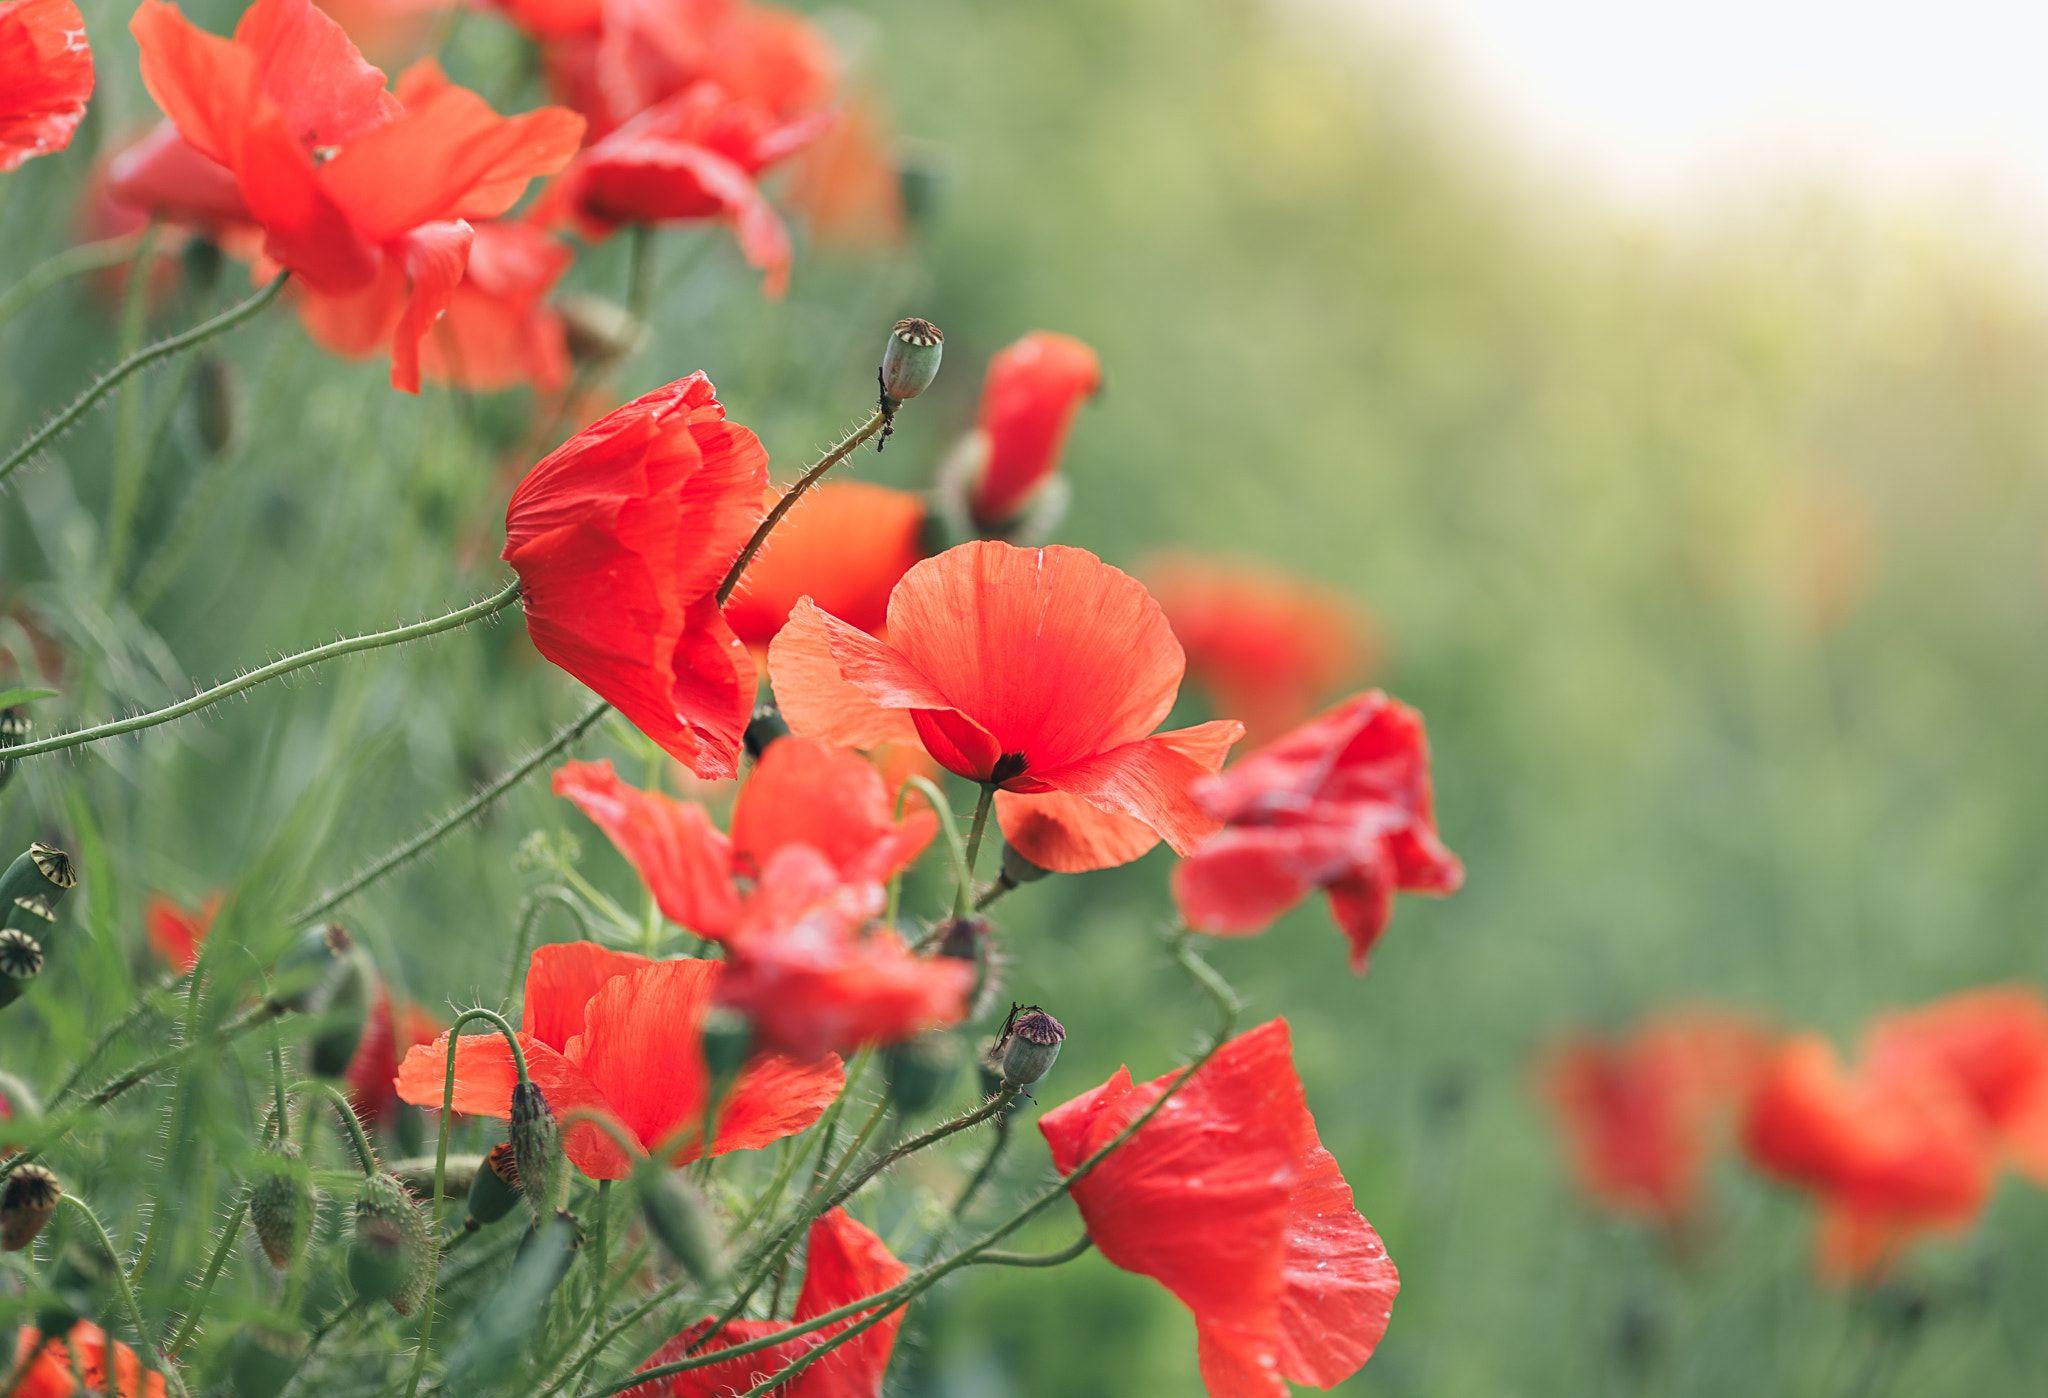 Poppies - The hallmark of summer